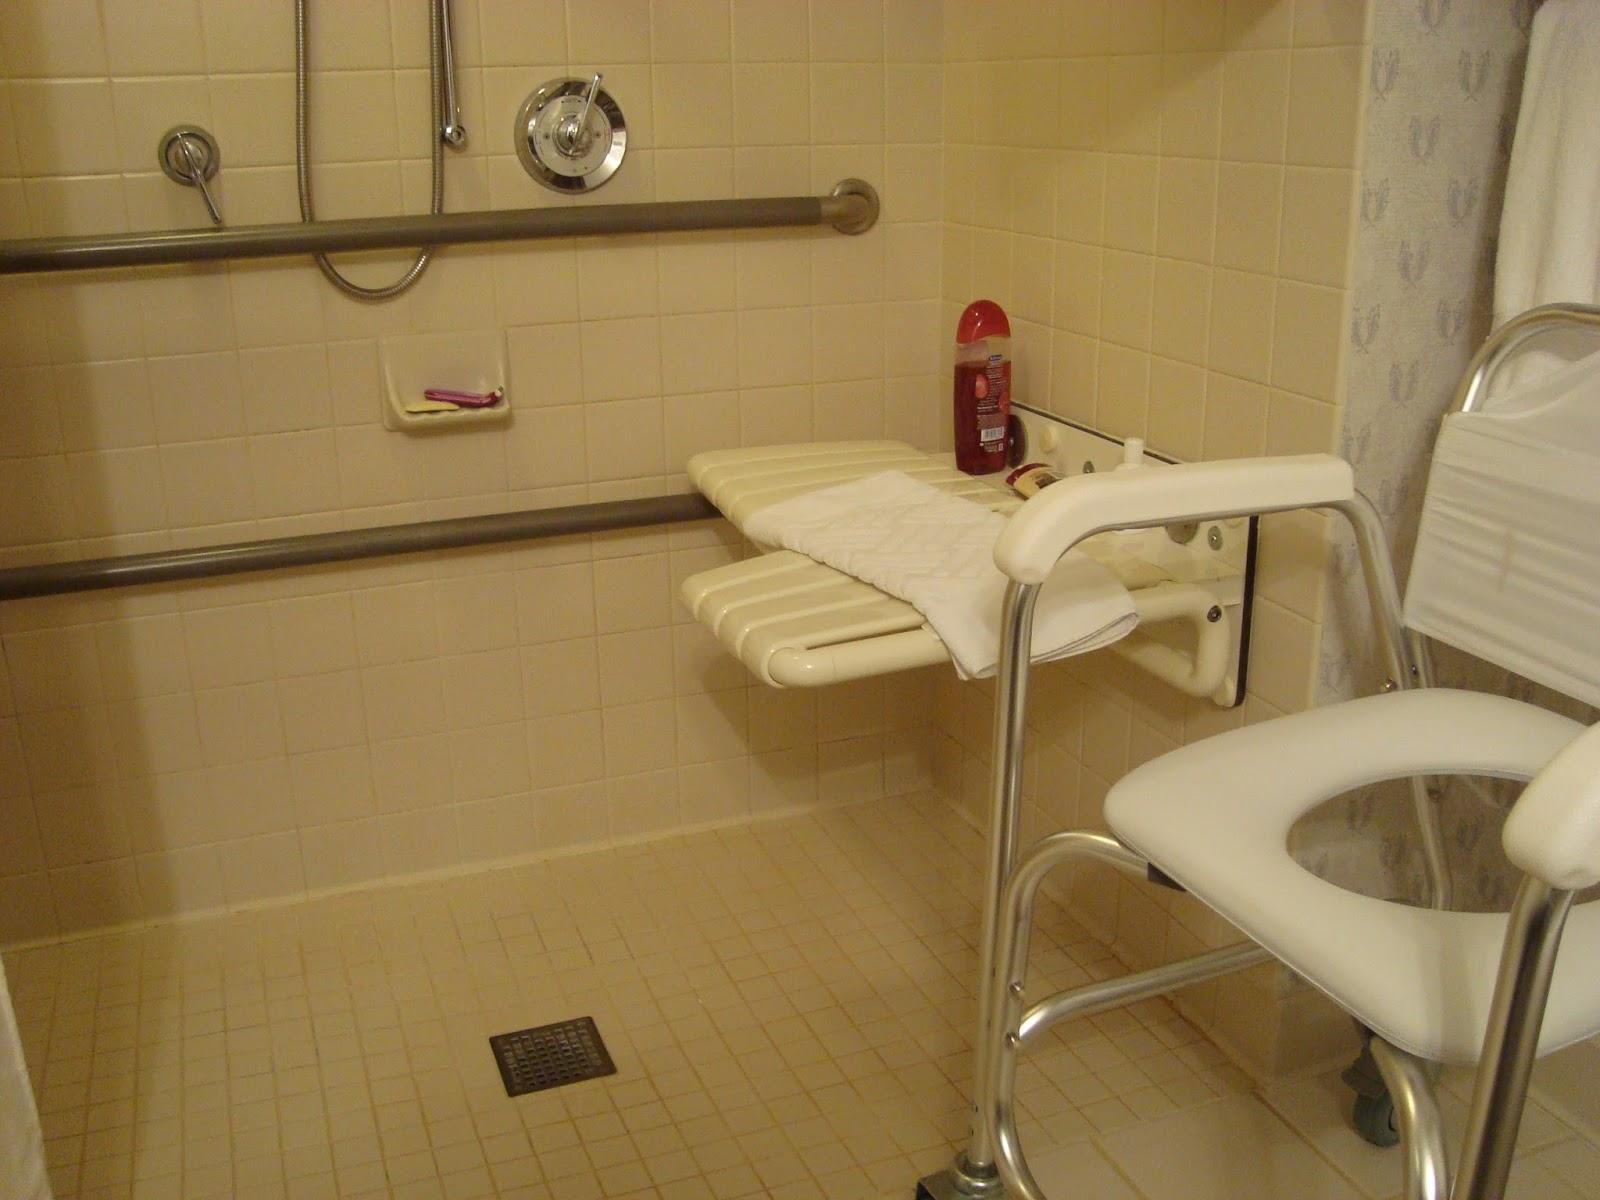 consegui uma cadeirinha de banho para vocês nesse hotel hehehe #694C24 1600 1200